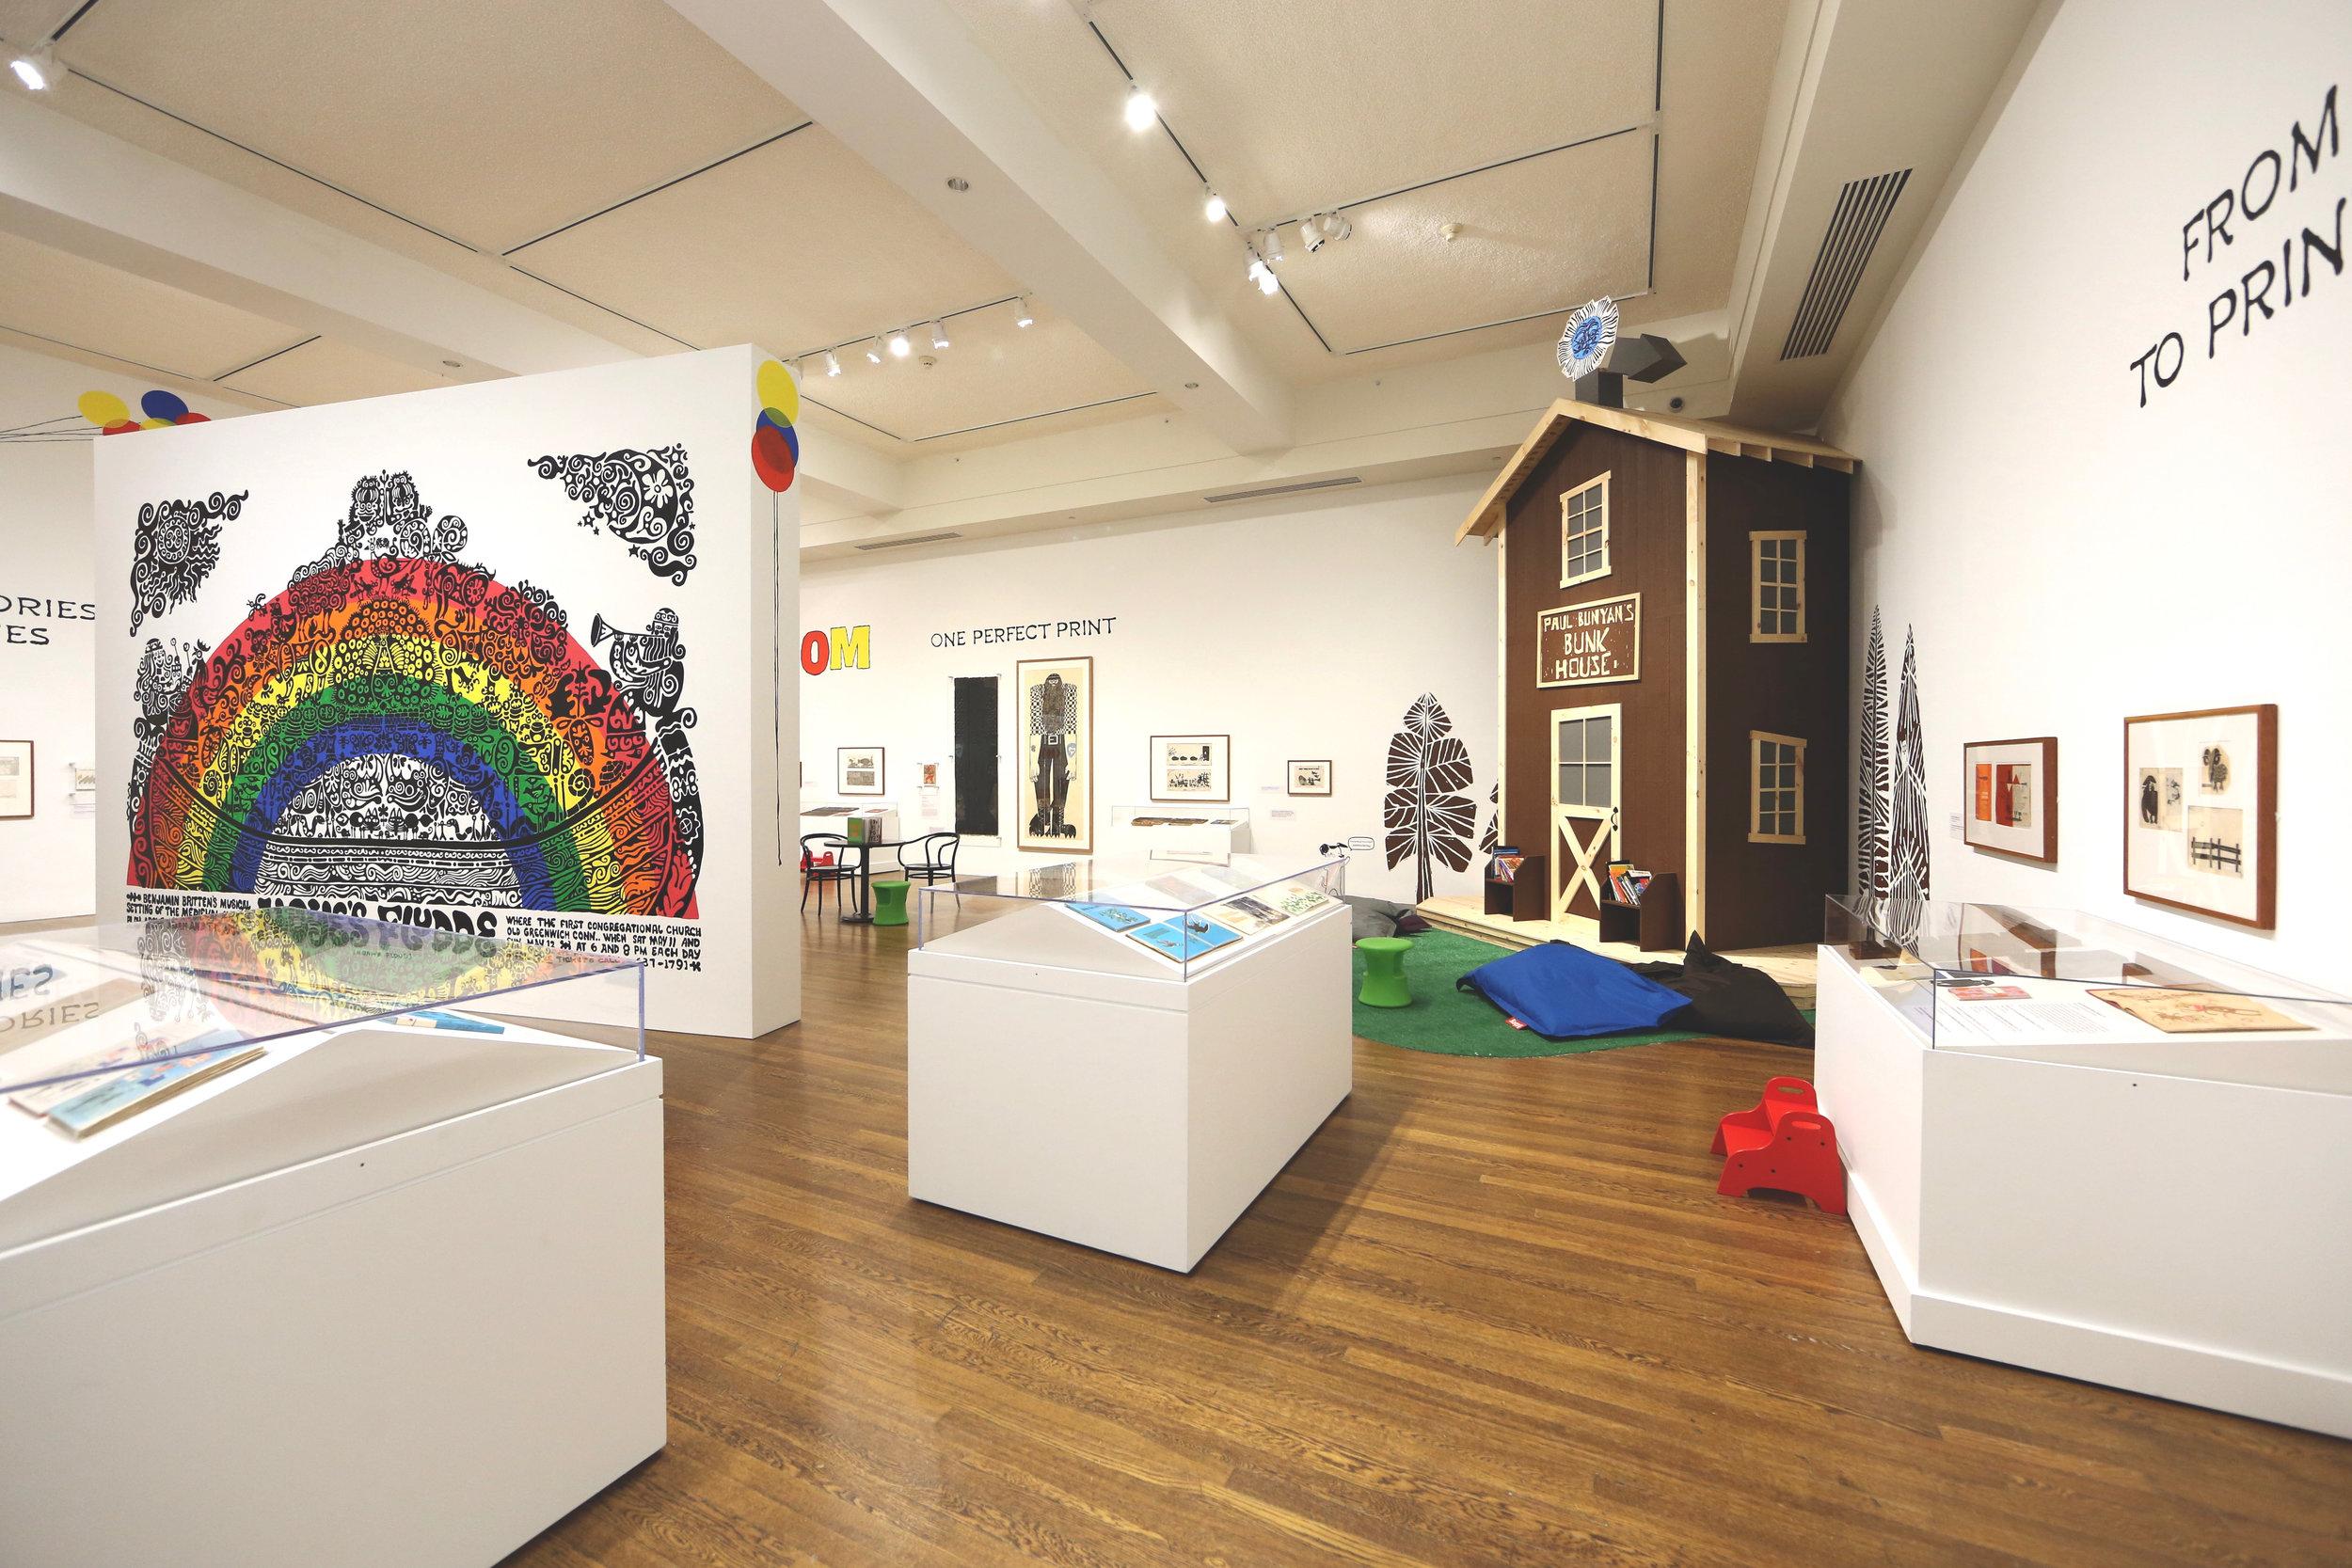 Kahbahblooom: The Art and Storytelling of Ed Emberley, Worcester Art Museum, 2016